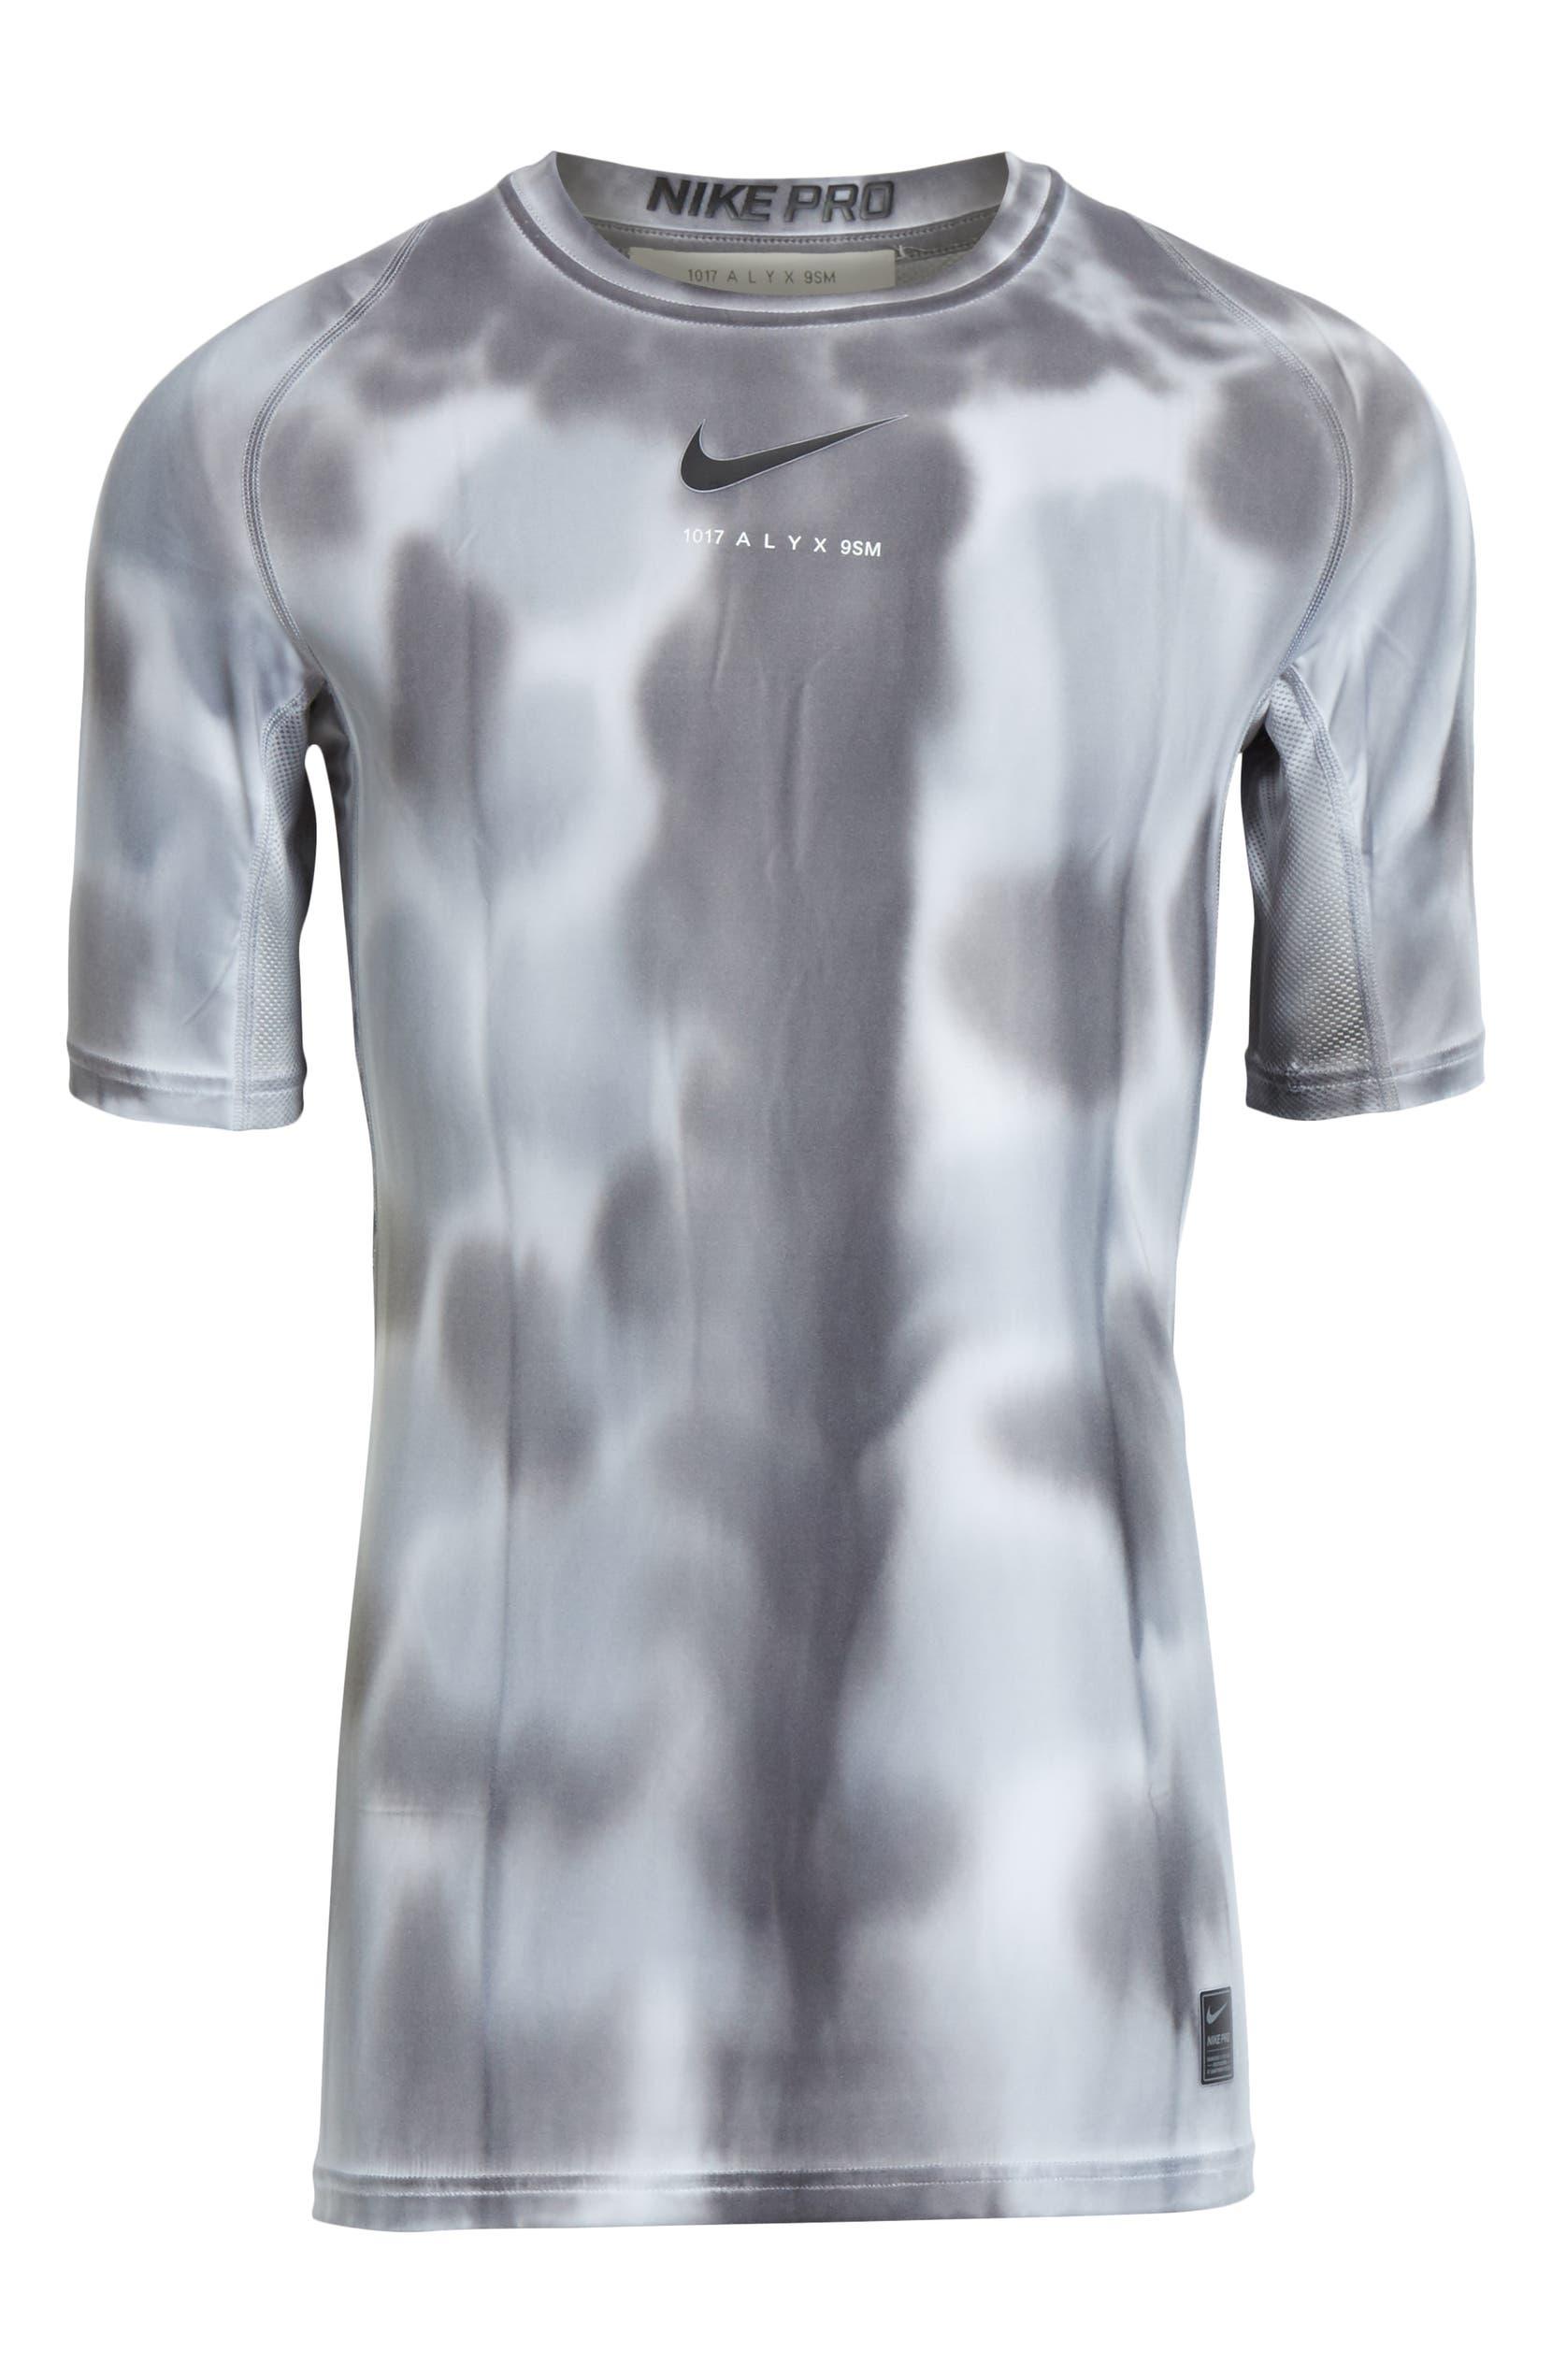 b9ae8a54447 1017 ALYX 9SM x Nike Sponge Camo T-Shirt   Nordstrom